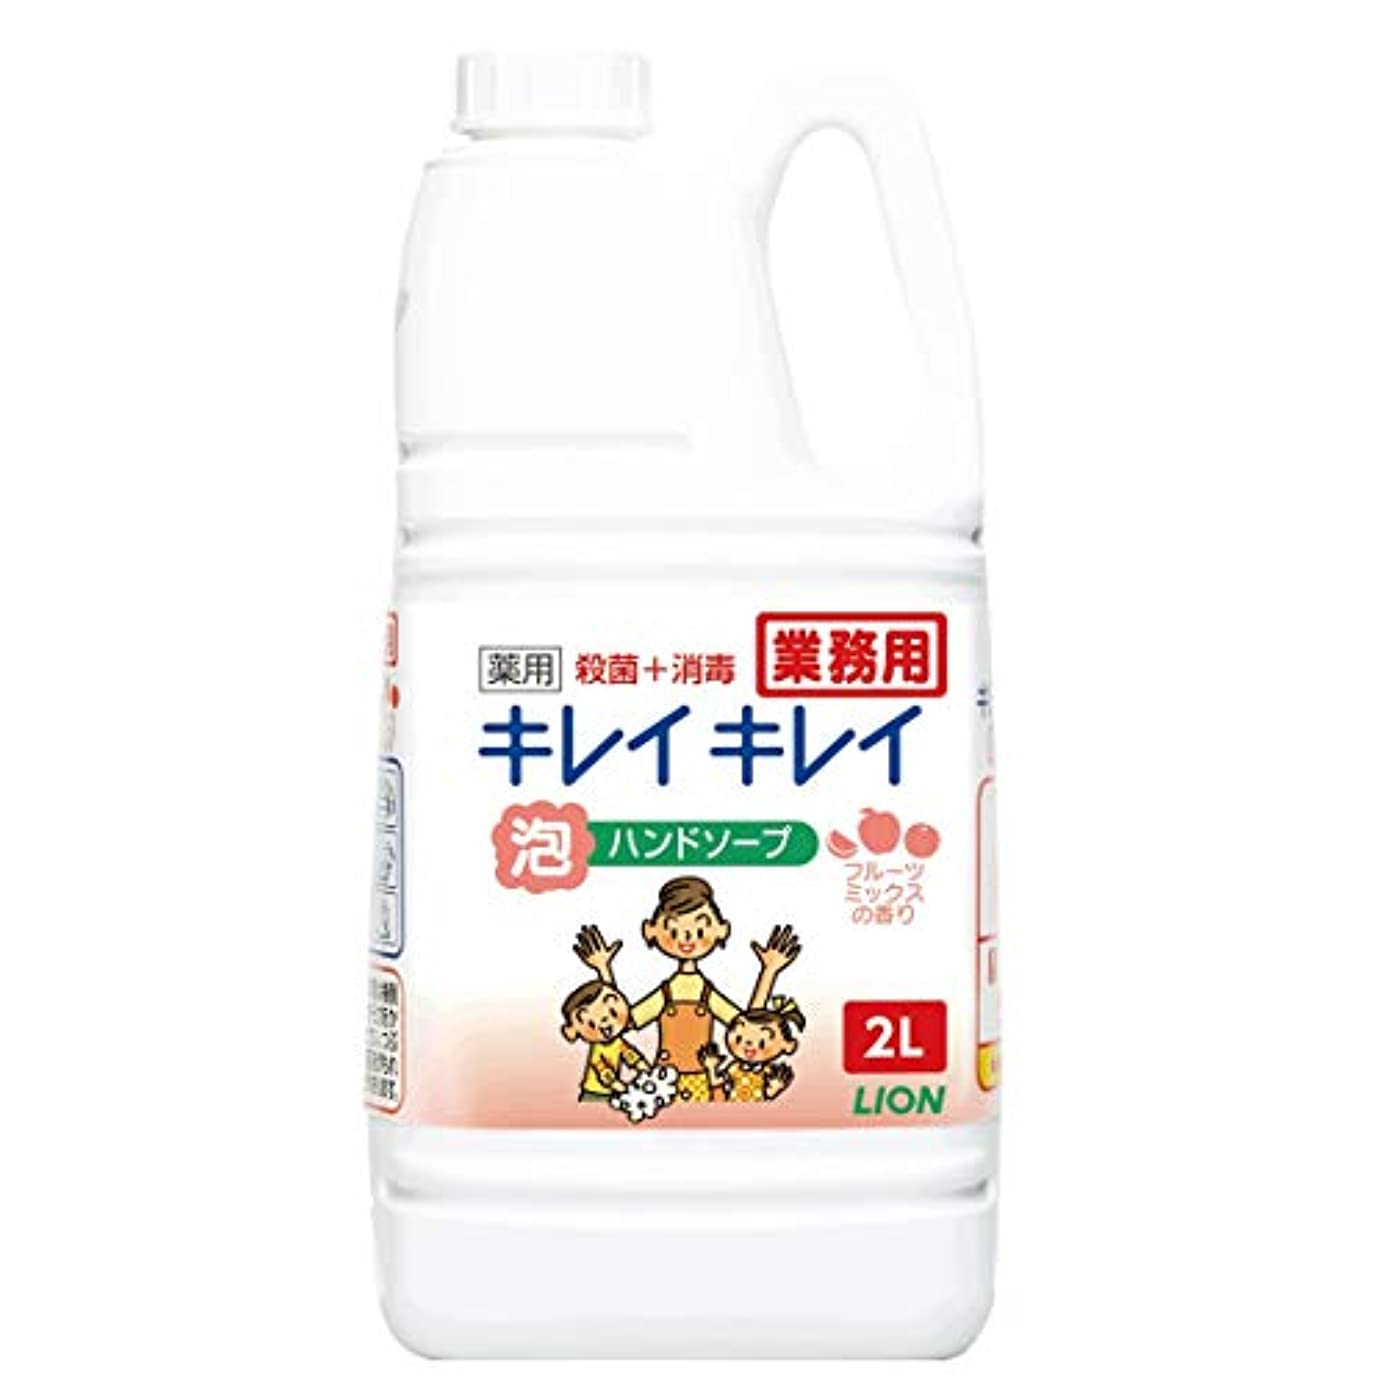 ナインへリファイン頑固な【大容量】キレイキレイ 薬用泡ハンドソープ フルーツミックスの香り 2L